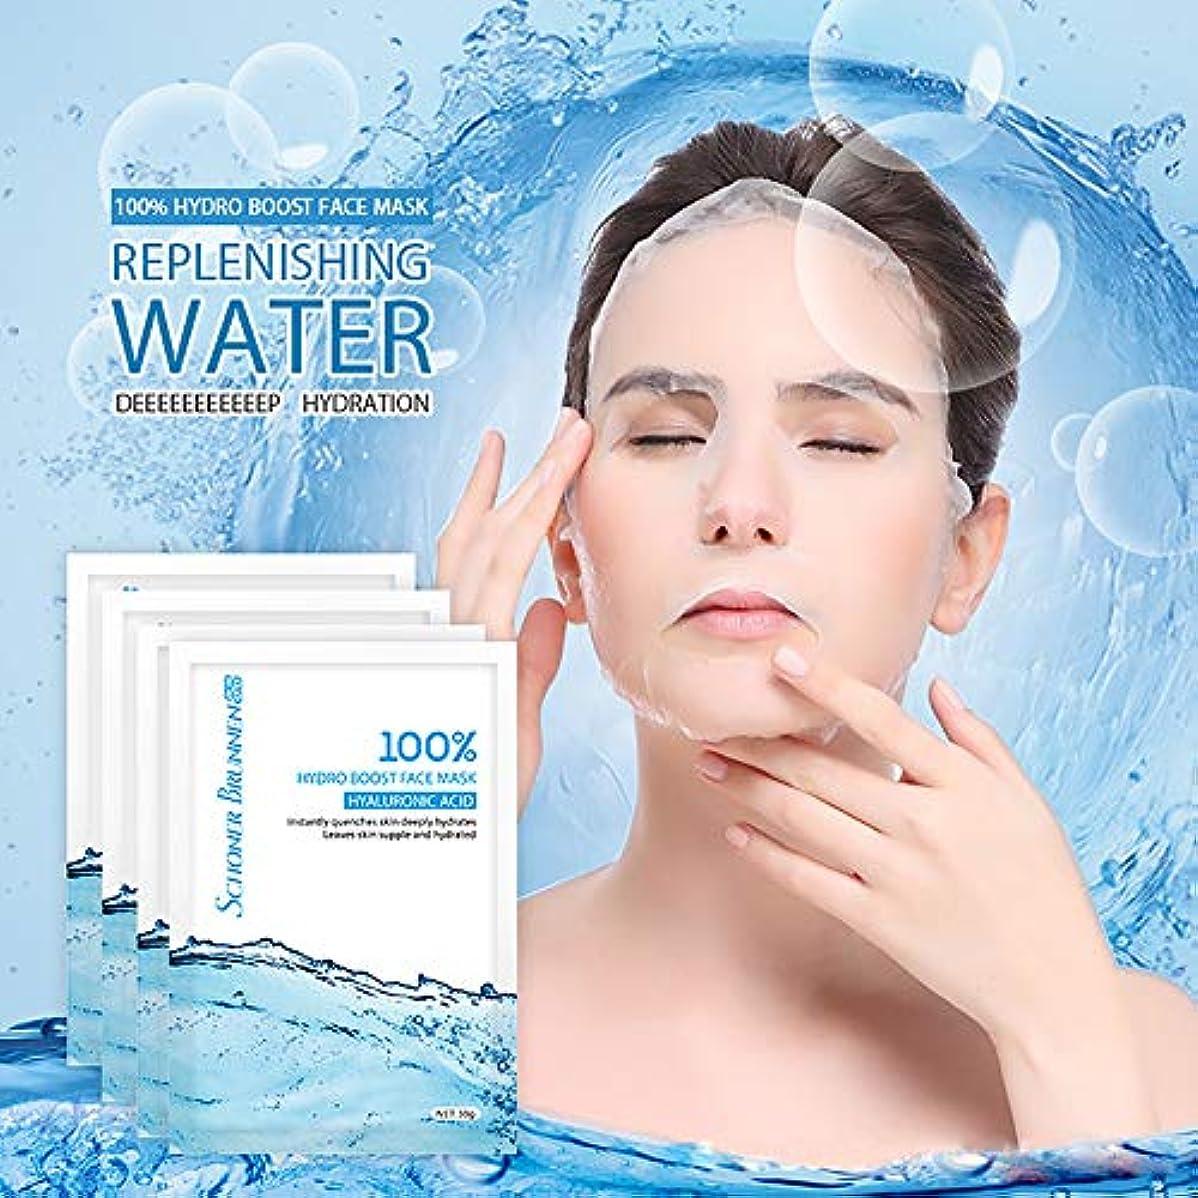 スタジアムピジン中性ヒアルロン酸エッセンス保湿フェイシャルフェイスマスクシート、フェイスマスクによるディープモイスチャライジング、幹細胞抽出物によるアンチエイジングアンチリンクル